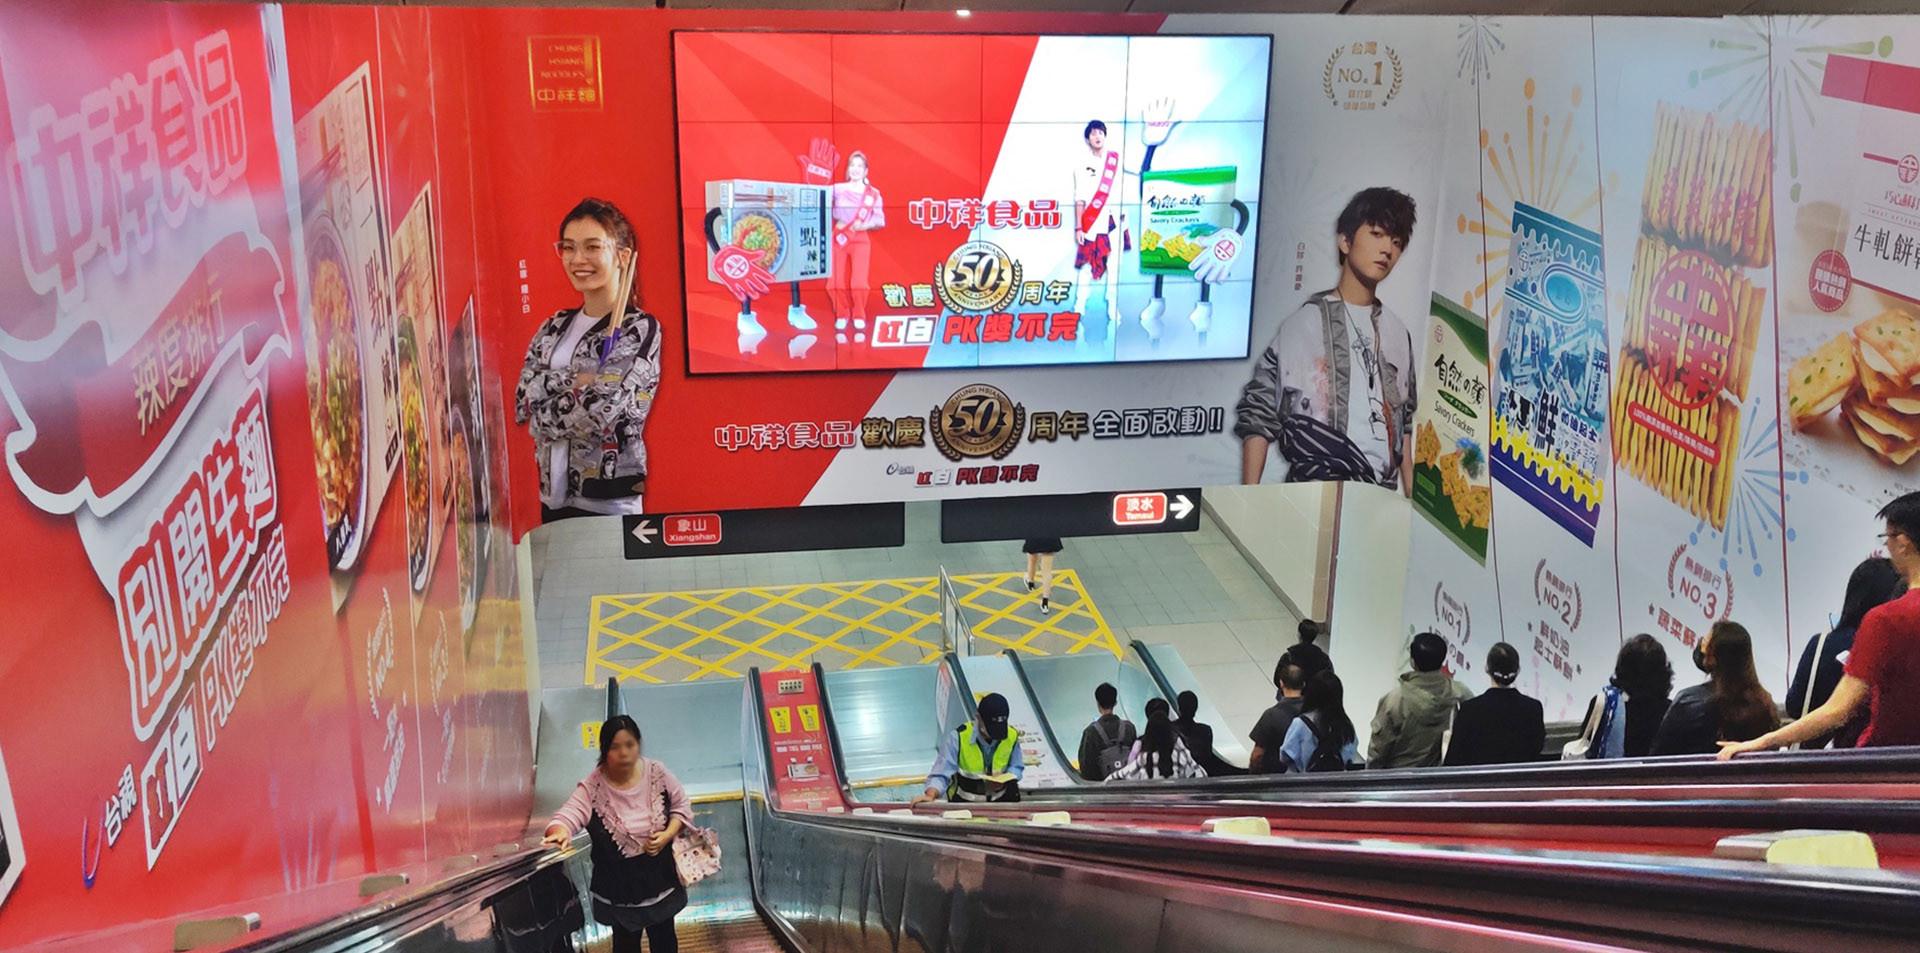 台北捷運廣告刊登  台北車站巨幅壁貼影音展示  中祥食品